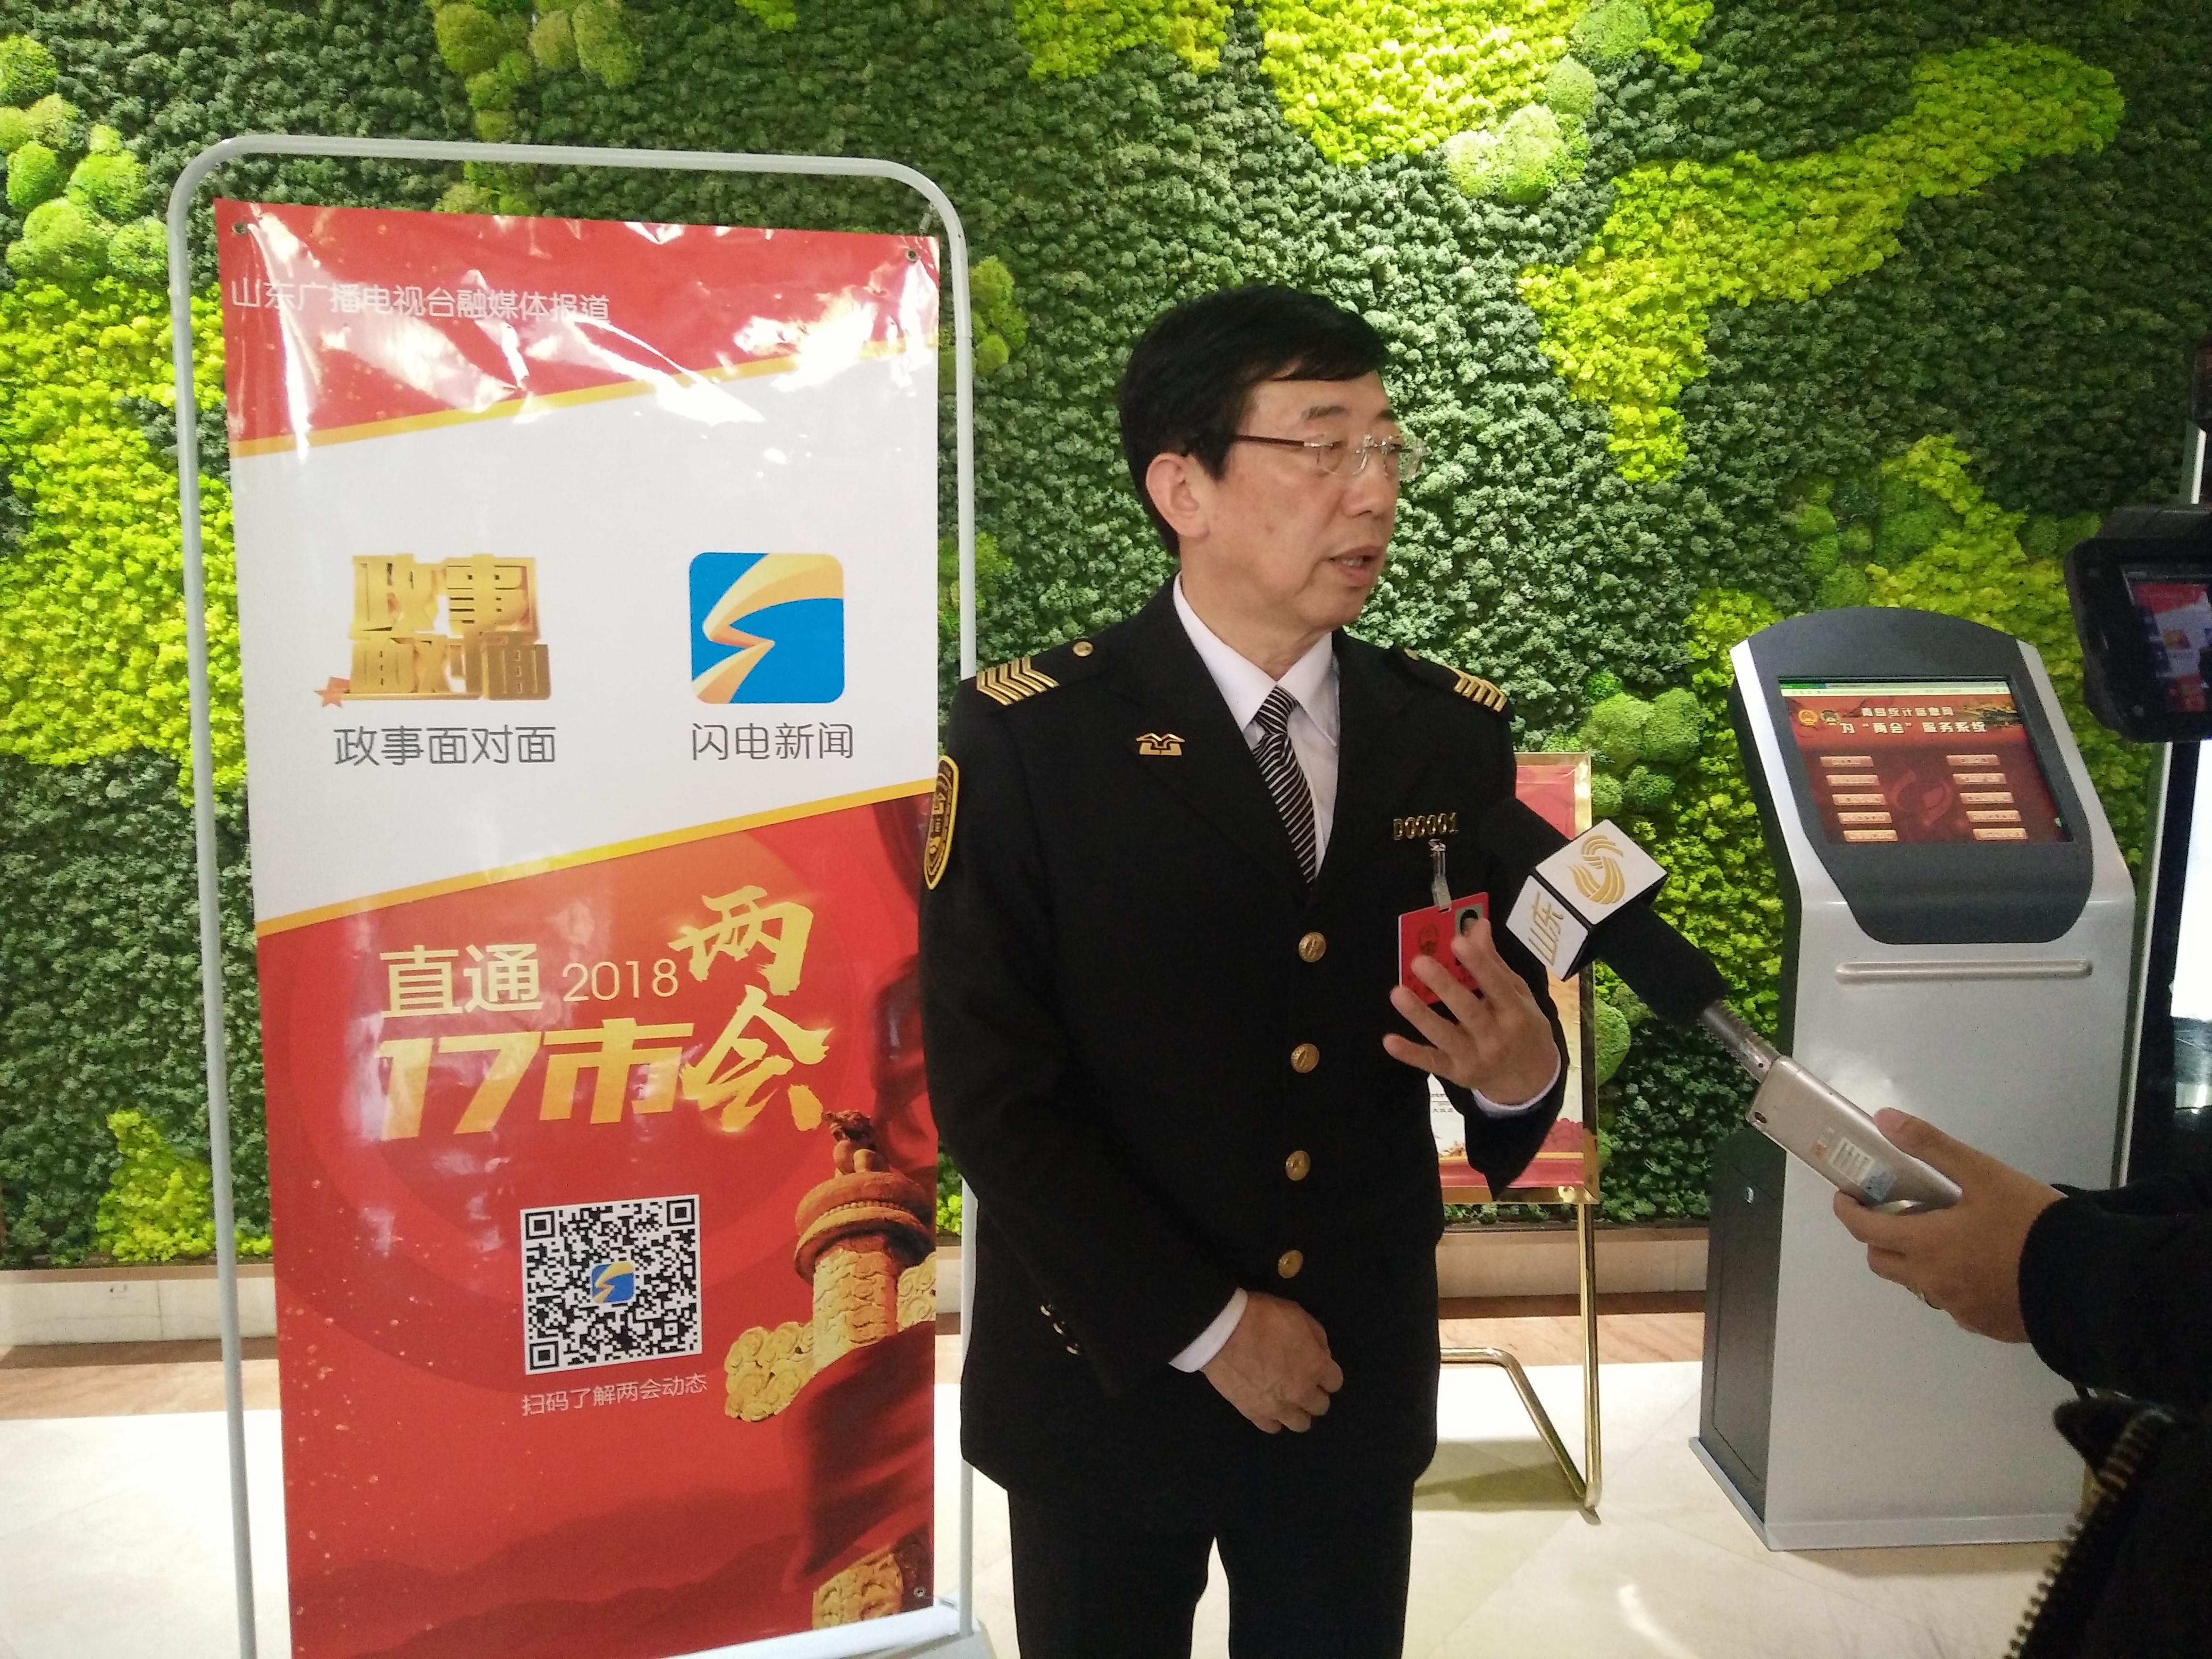 2018青岛两会|代表刘永康:建议开放企事业单位沿街公厕